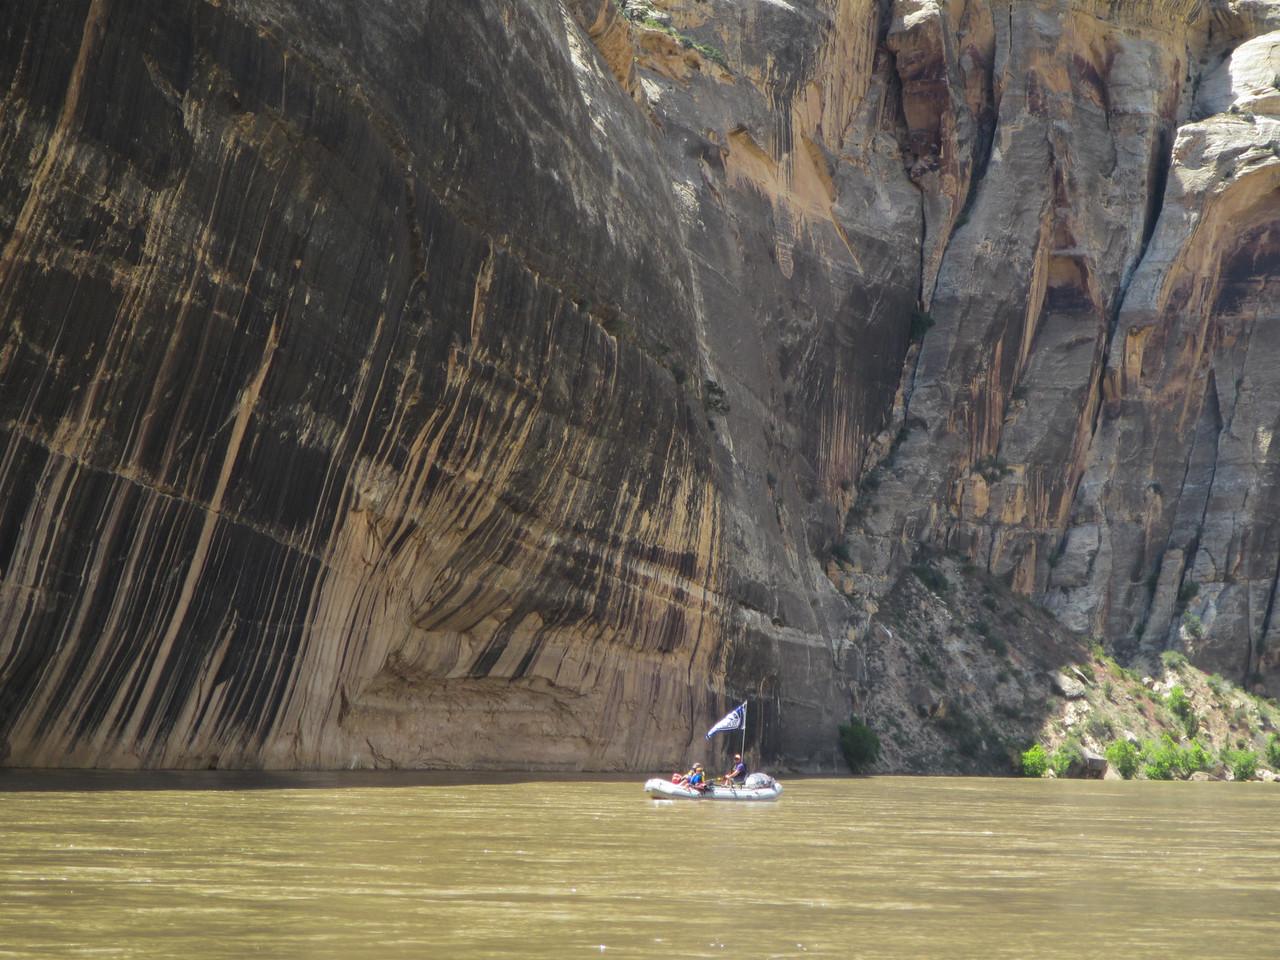 Matt's Raft at Tiger Wall